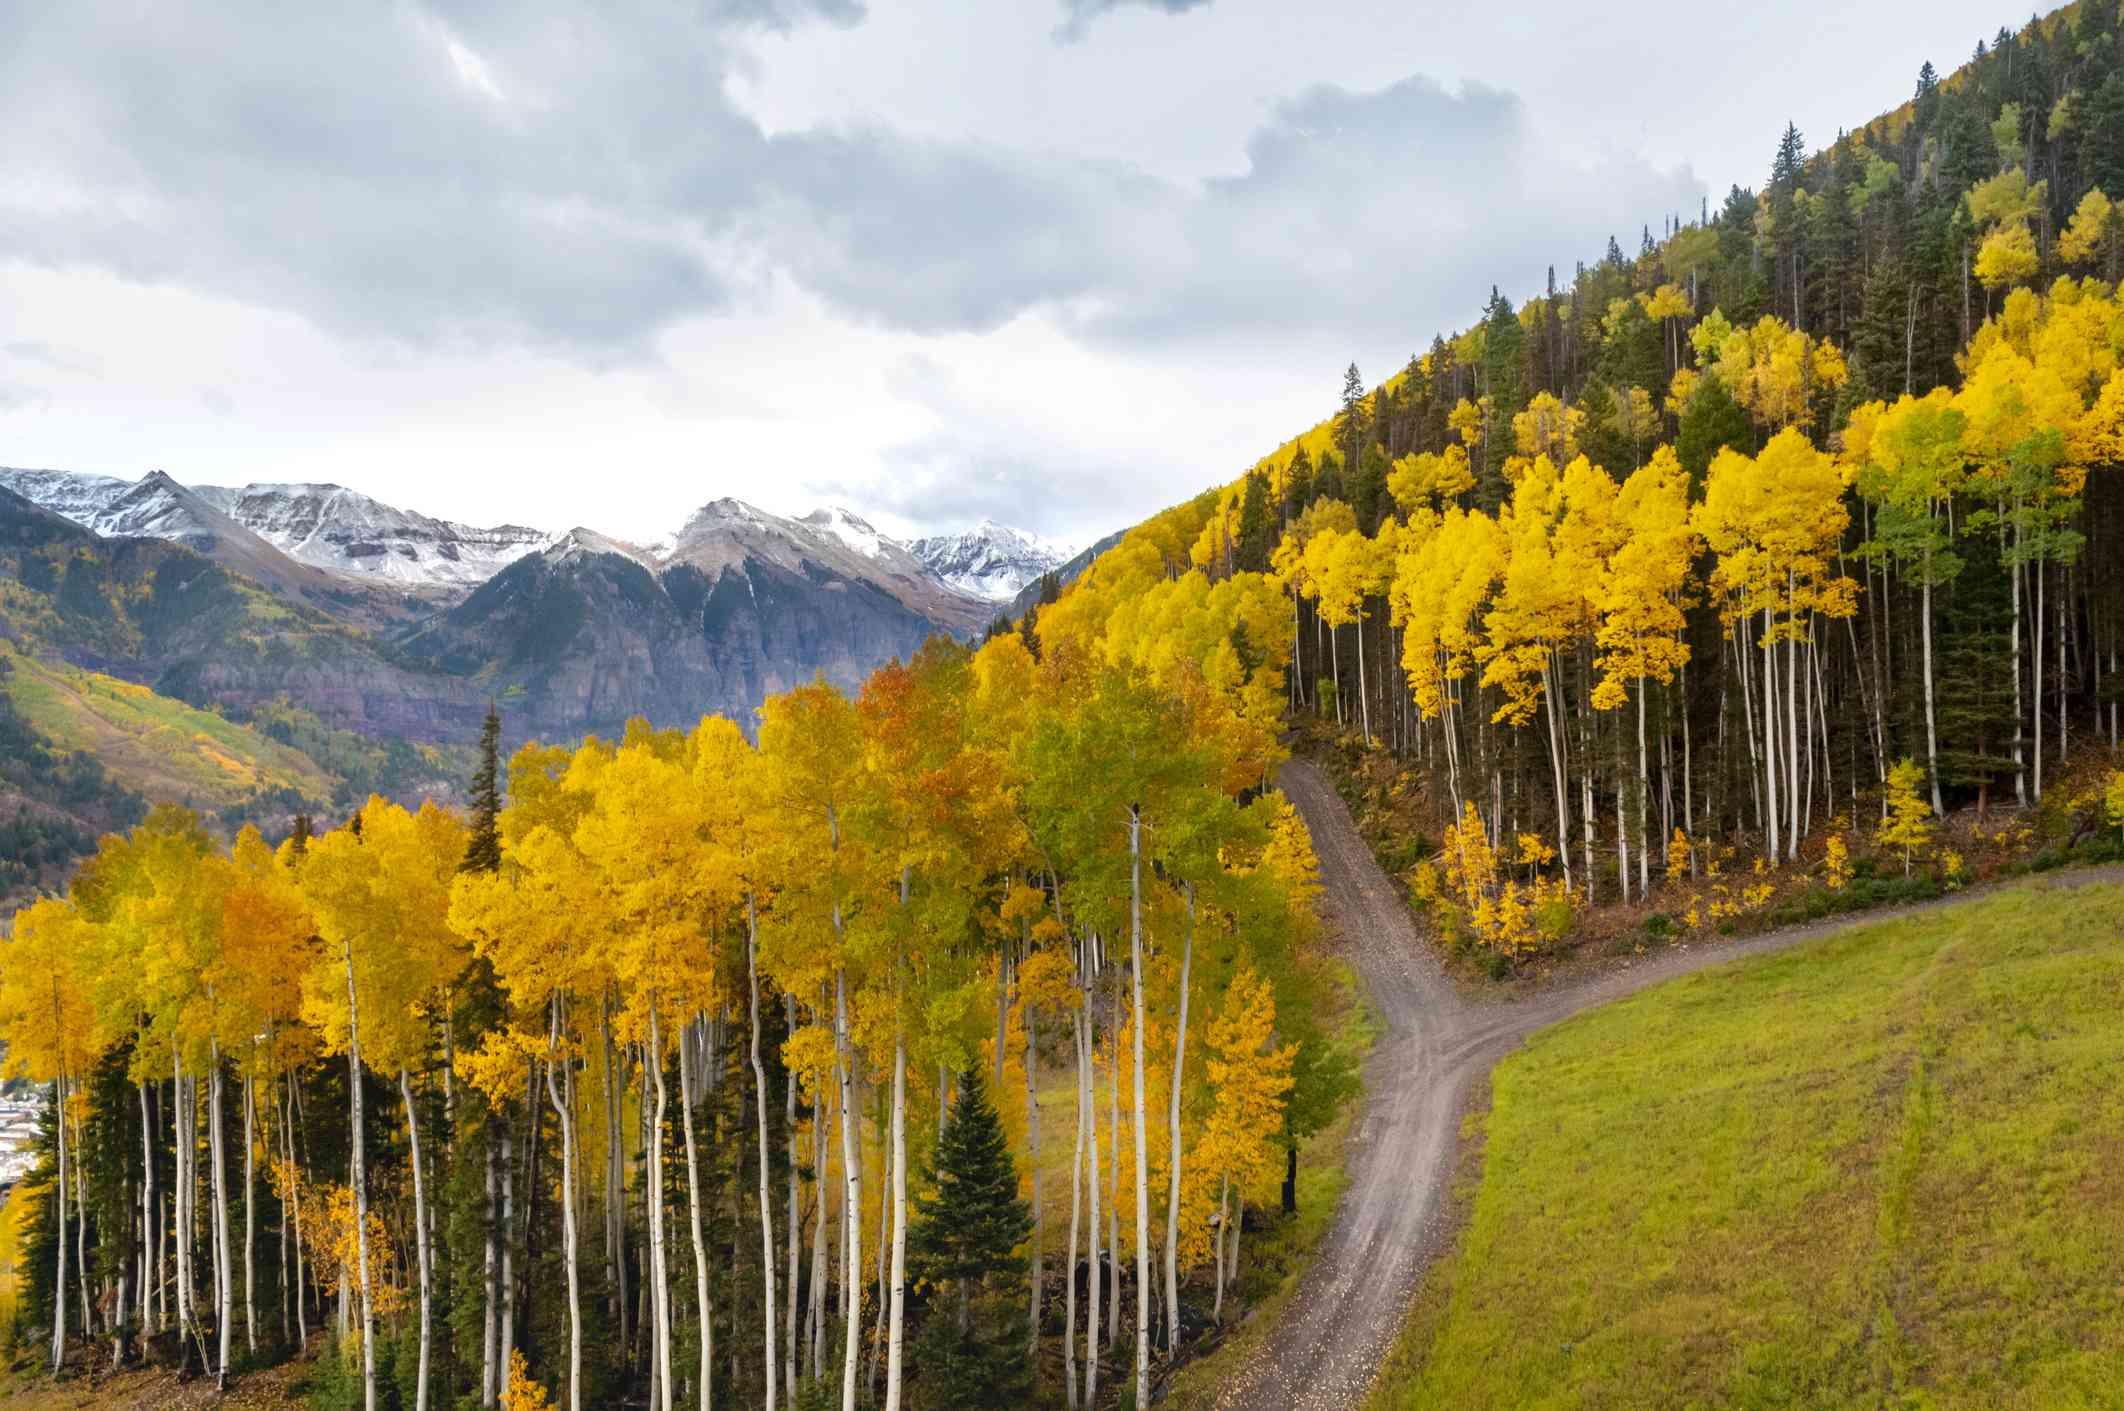 Fall Aspens in Telluride, Colorado